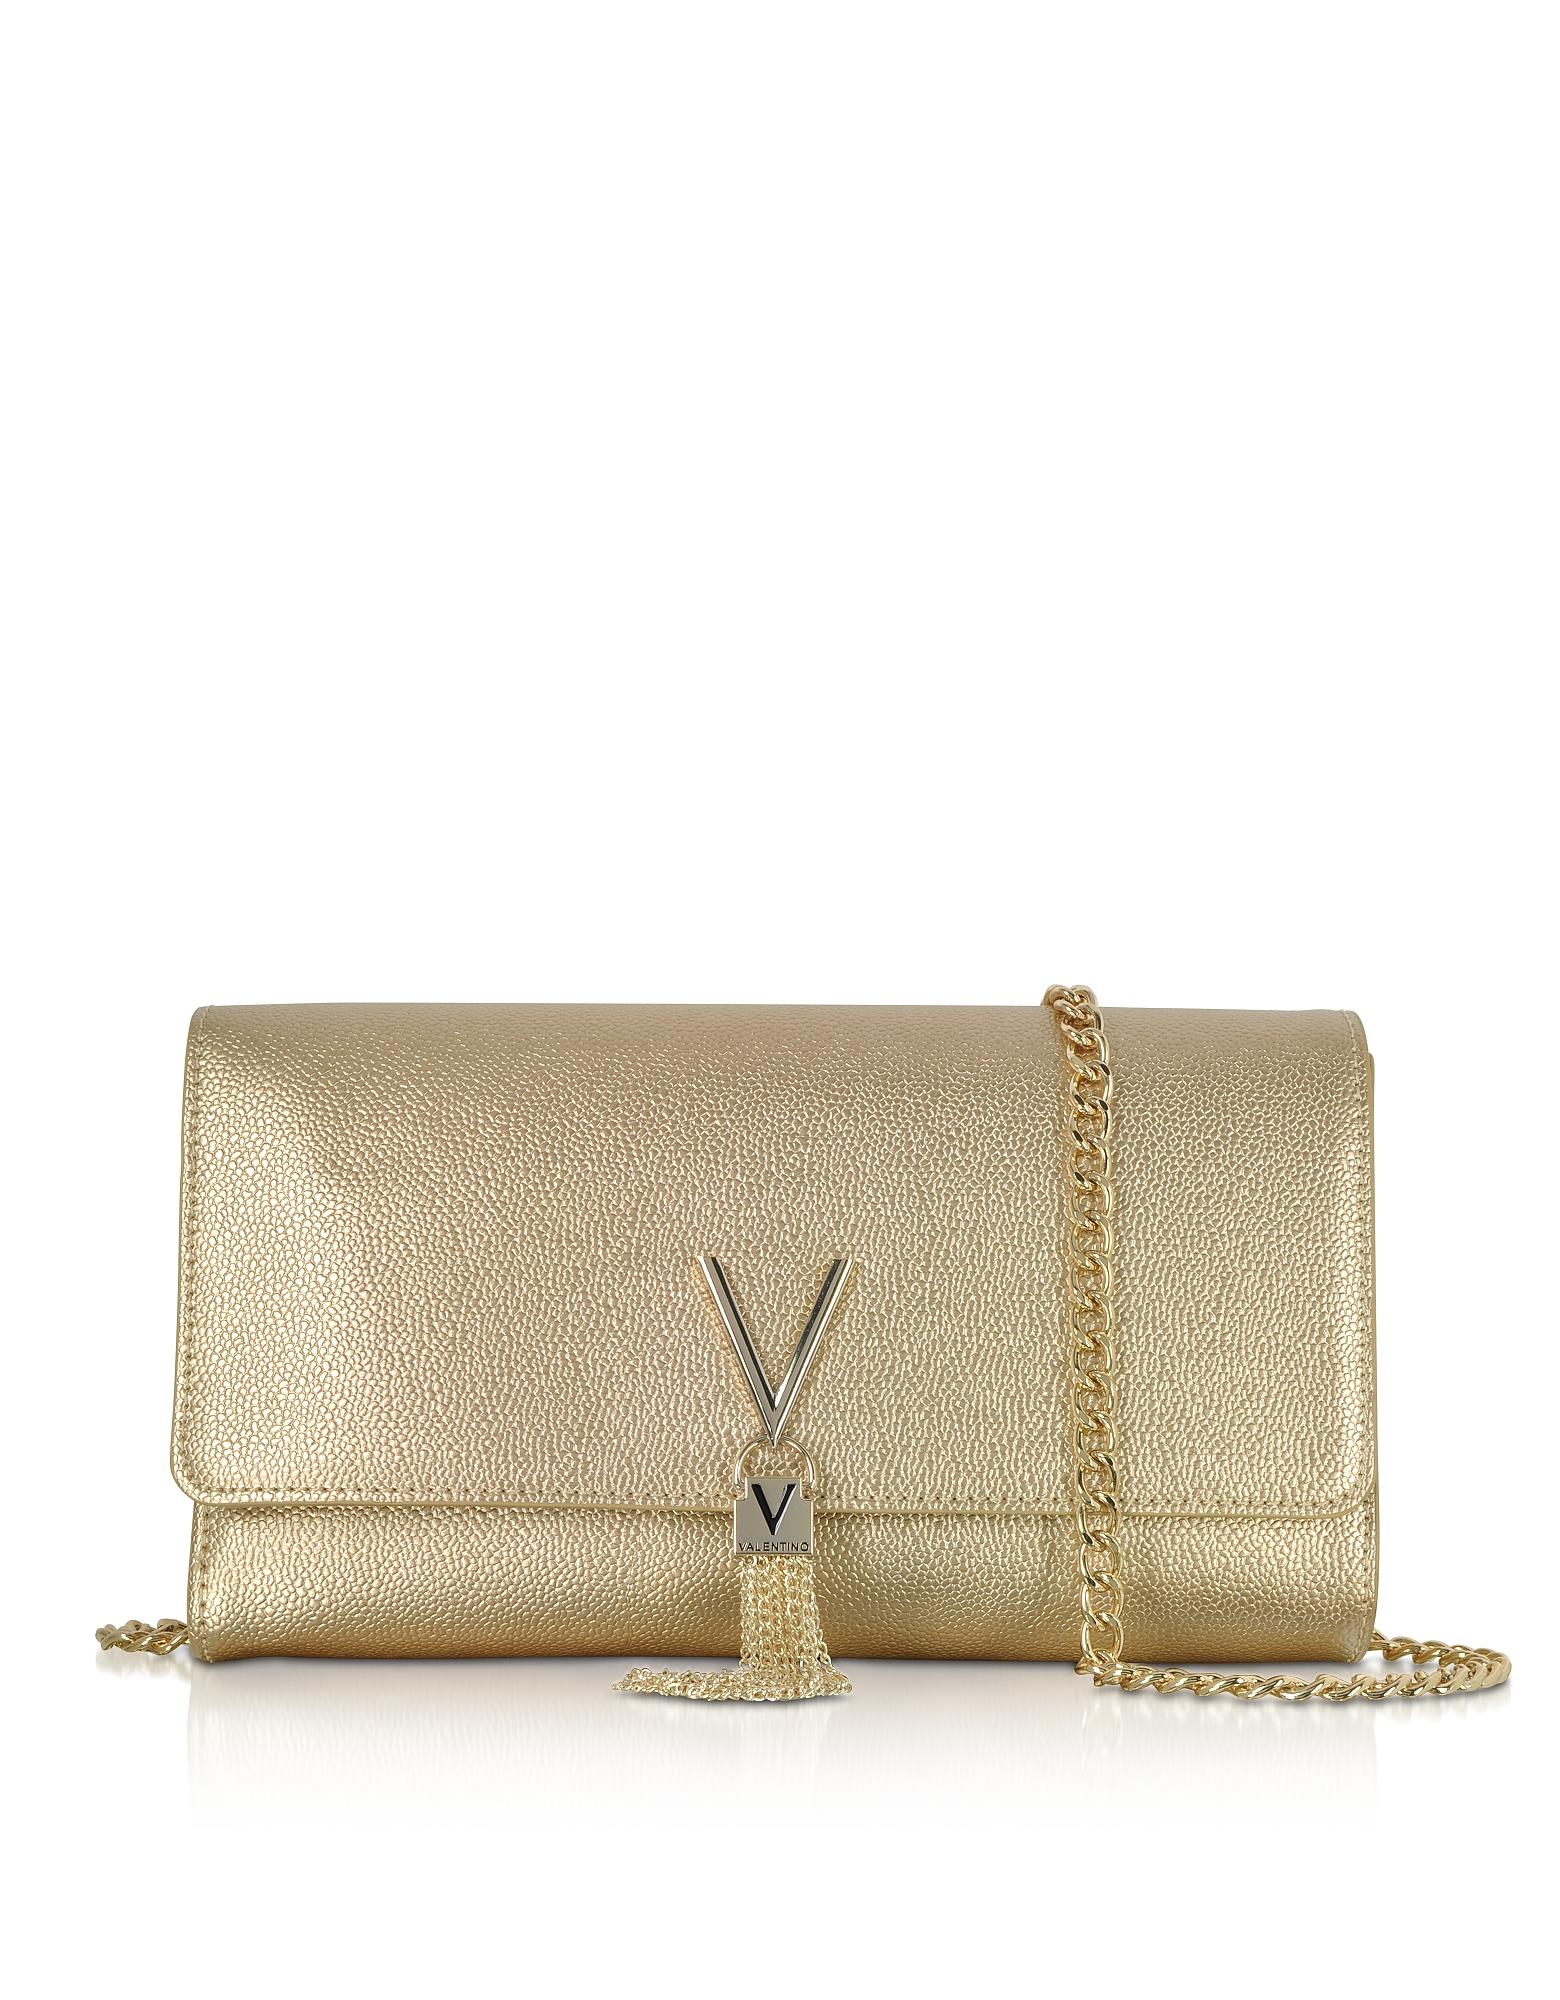 Laminated Lizard Embossed Eco Leather Divina Shoulder Bag